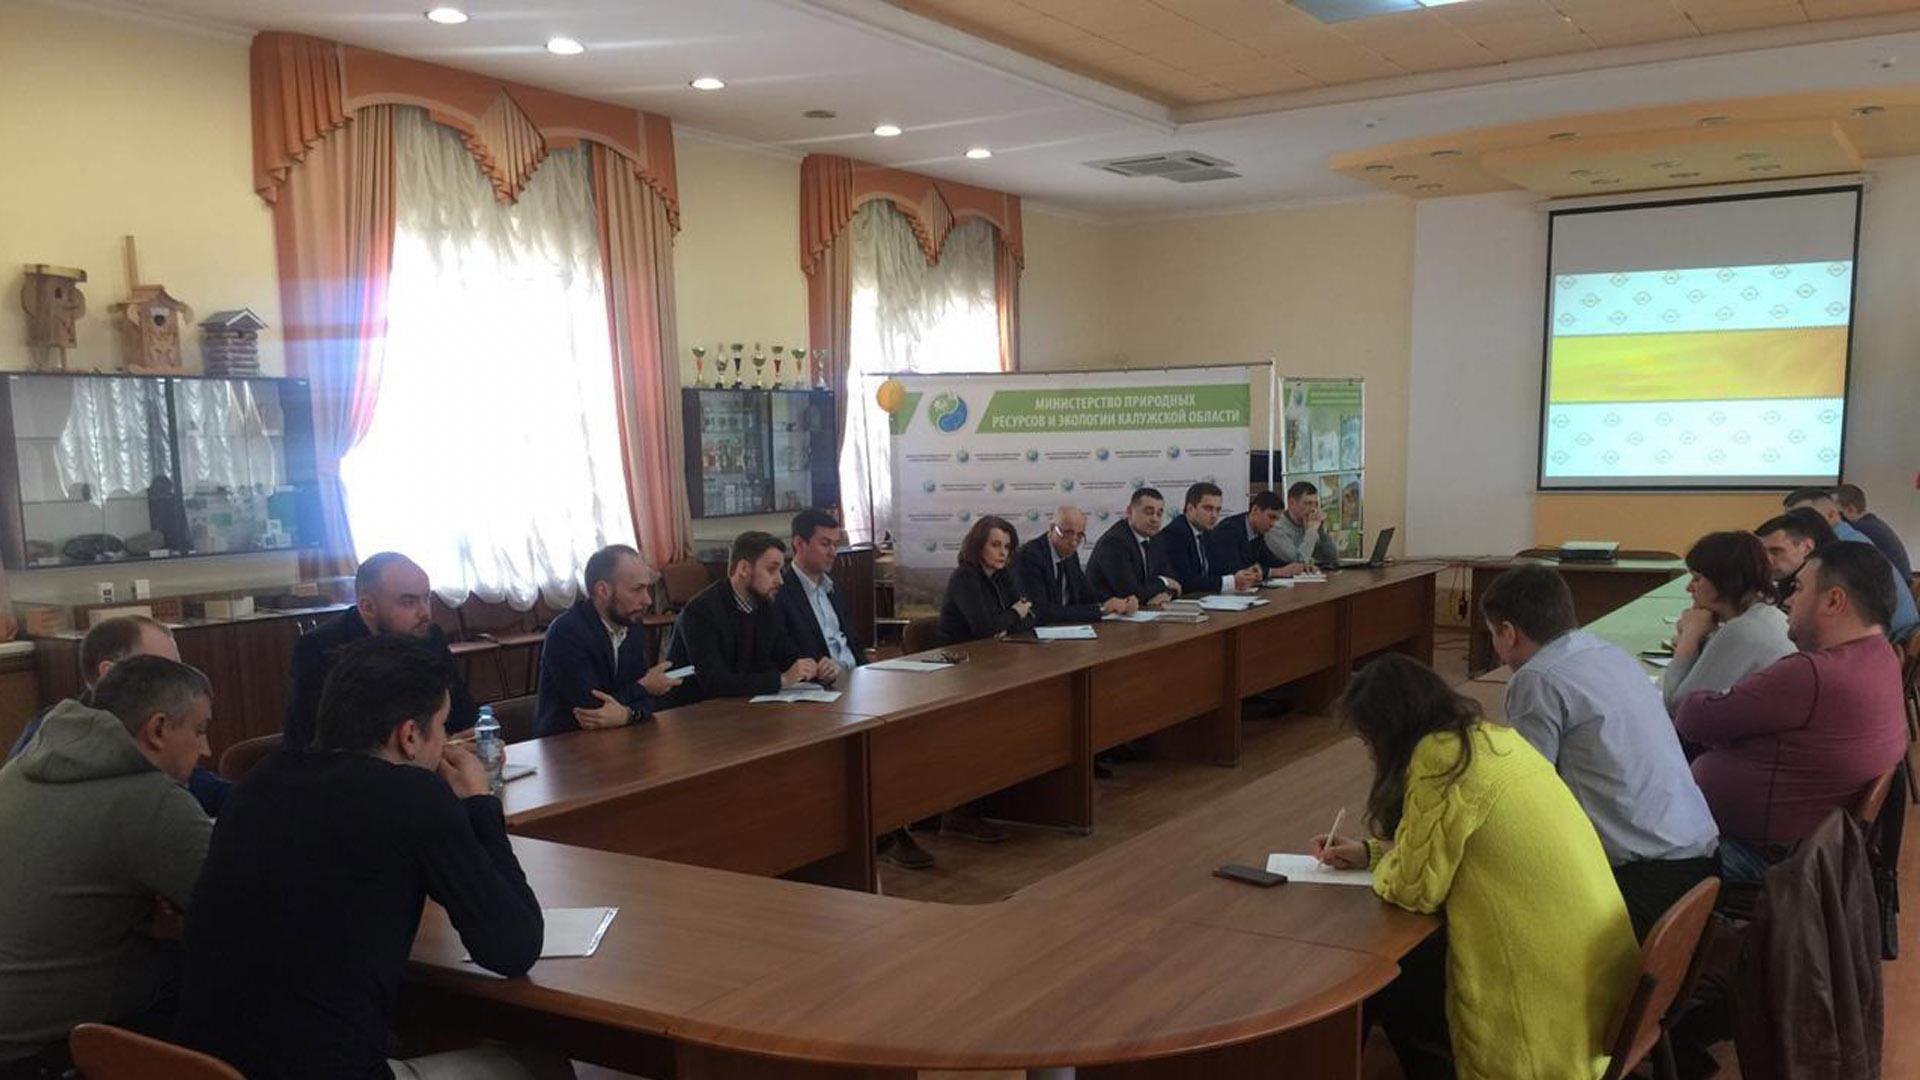 25 марта в Калуге состоялась дискуссия, посвященная отрасли такси